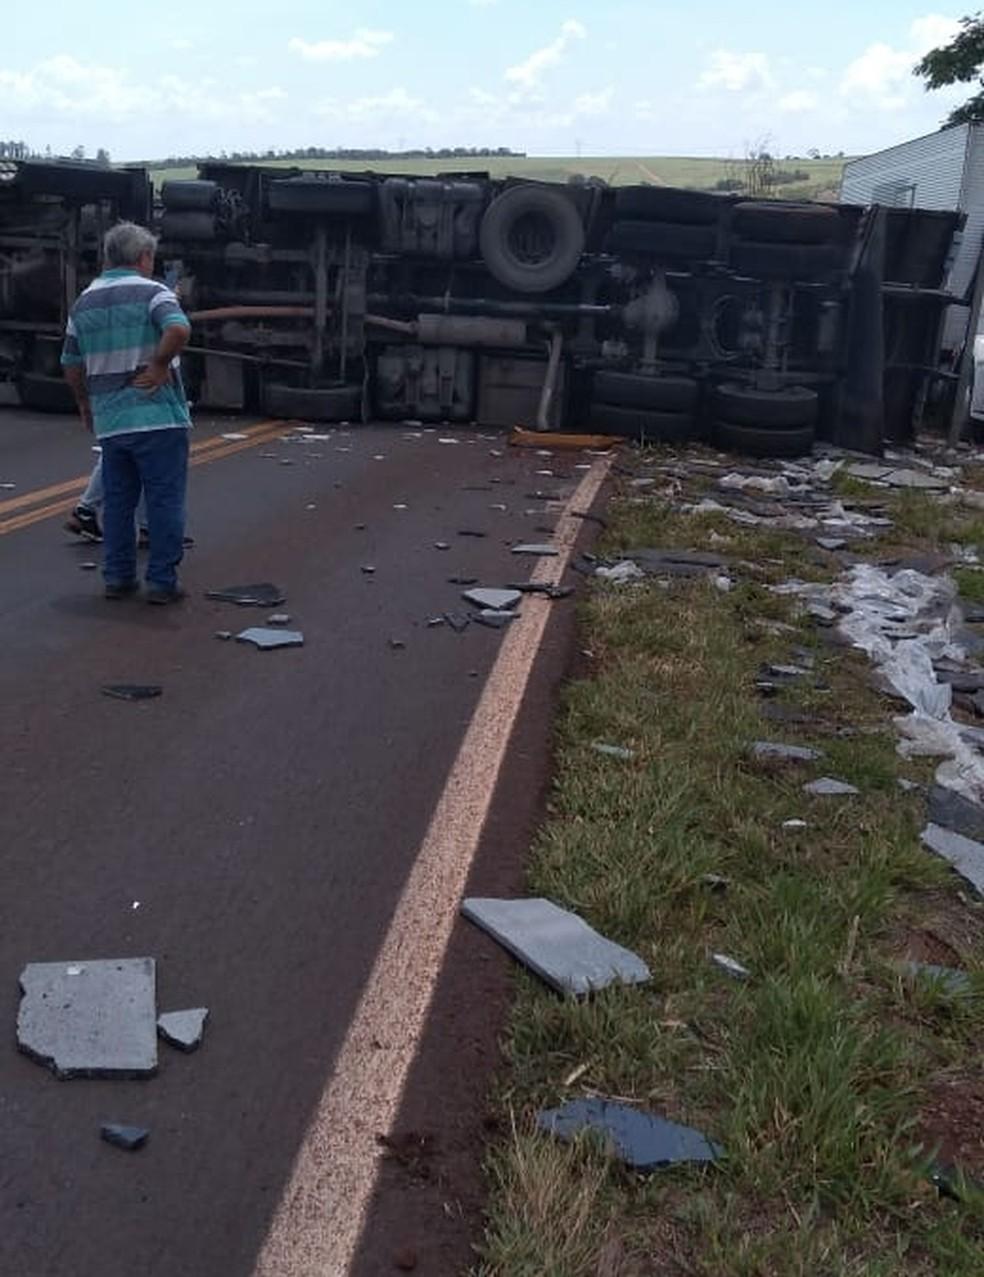 Segundo Polícia Rodoviária, motorista perdeu o controle do veículo ao fazer uma curva — Foto: Arquivo pessoal